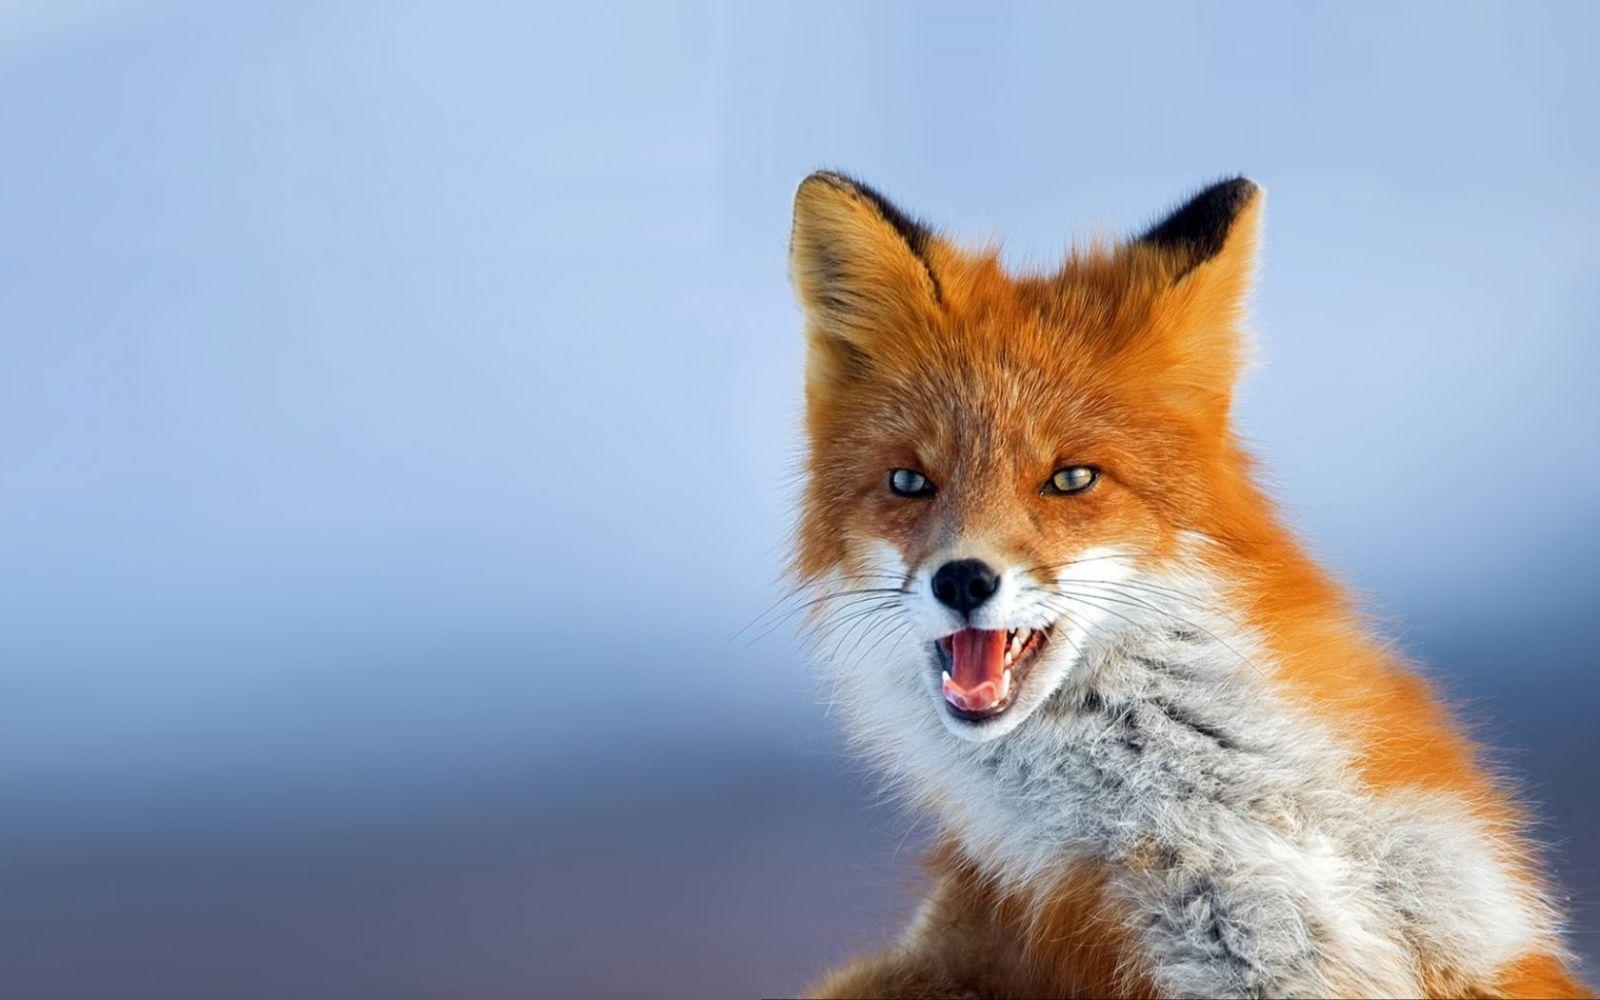 vad róka férgek hogyan lehet megtisztitani a fergek testet